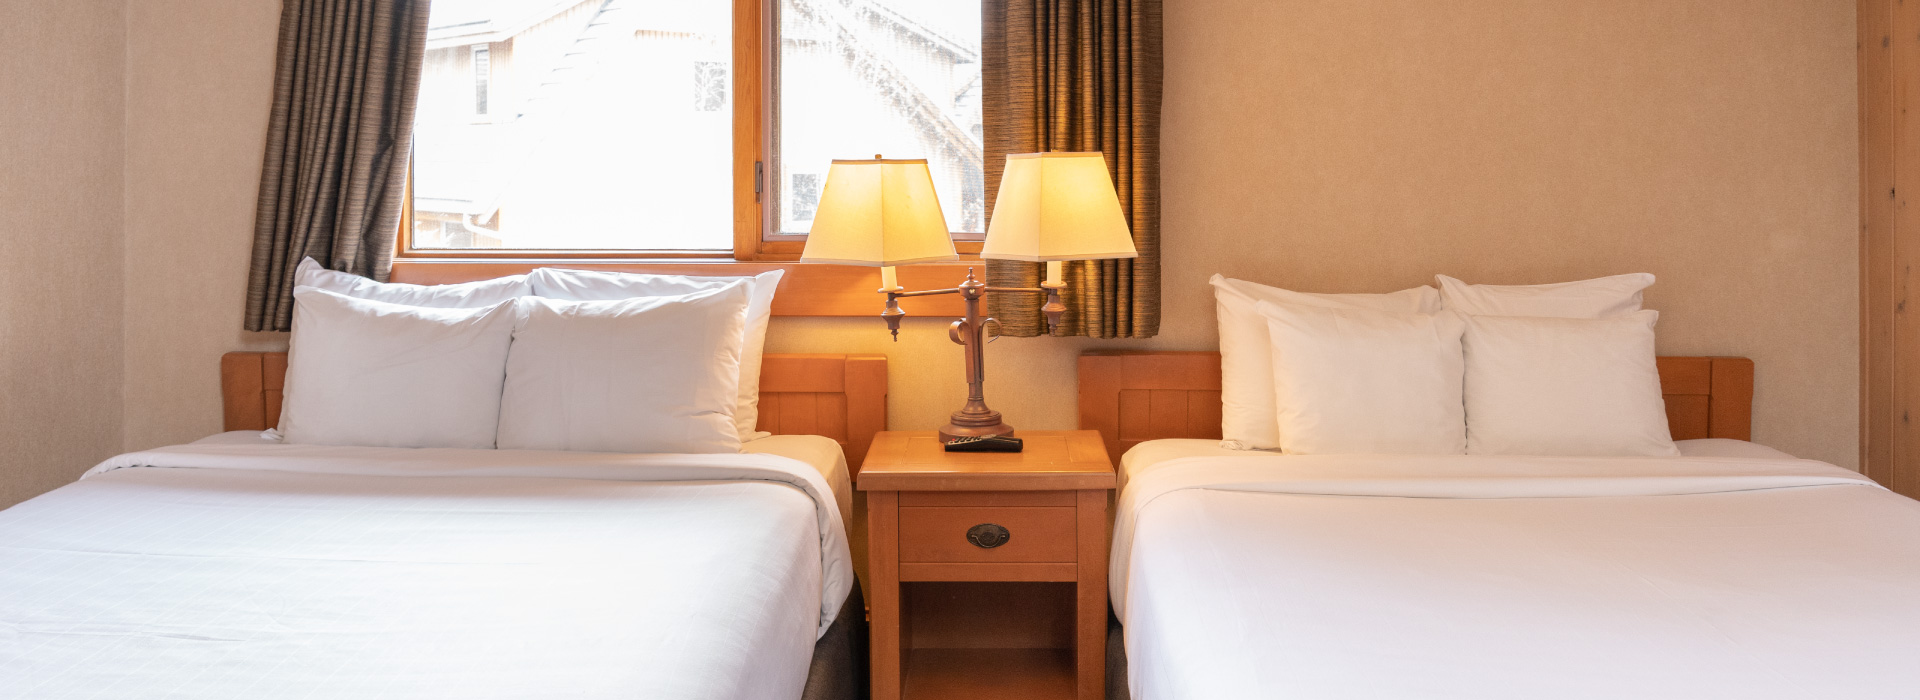 One Bedroom with Loft Condo